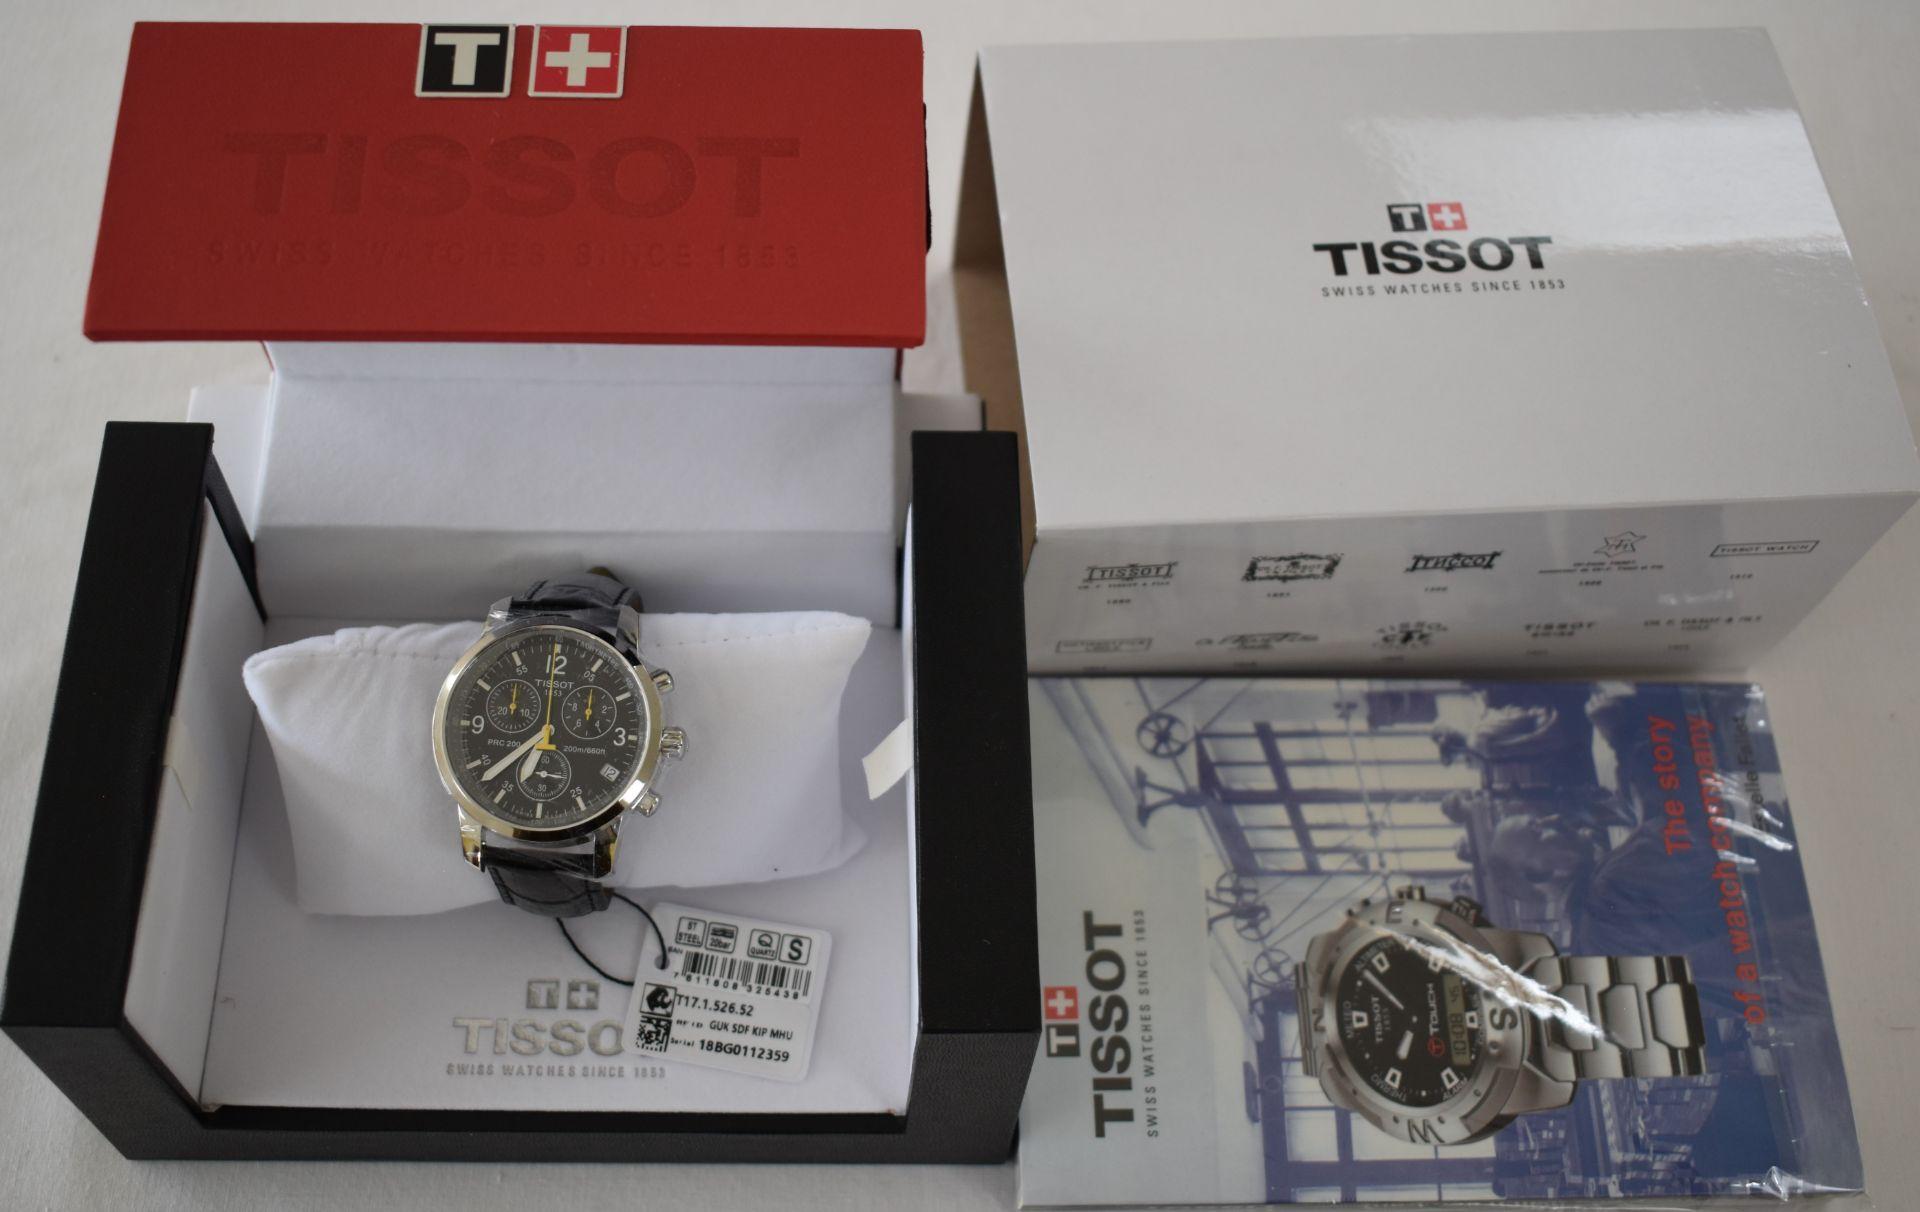 Tissot Men's Watch T17.526.52 - Image 3 of 3